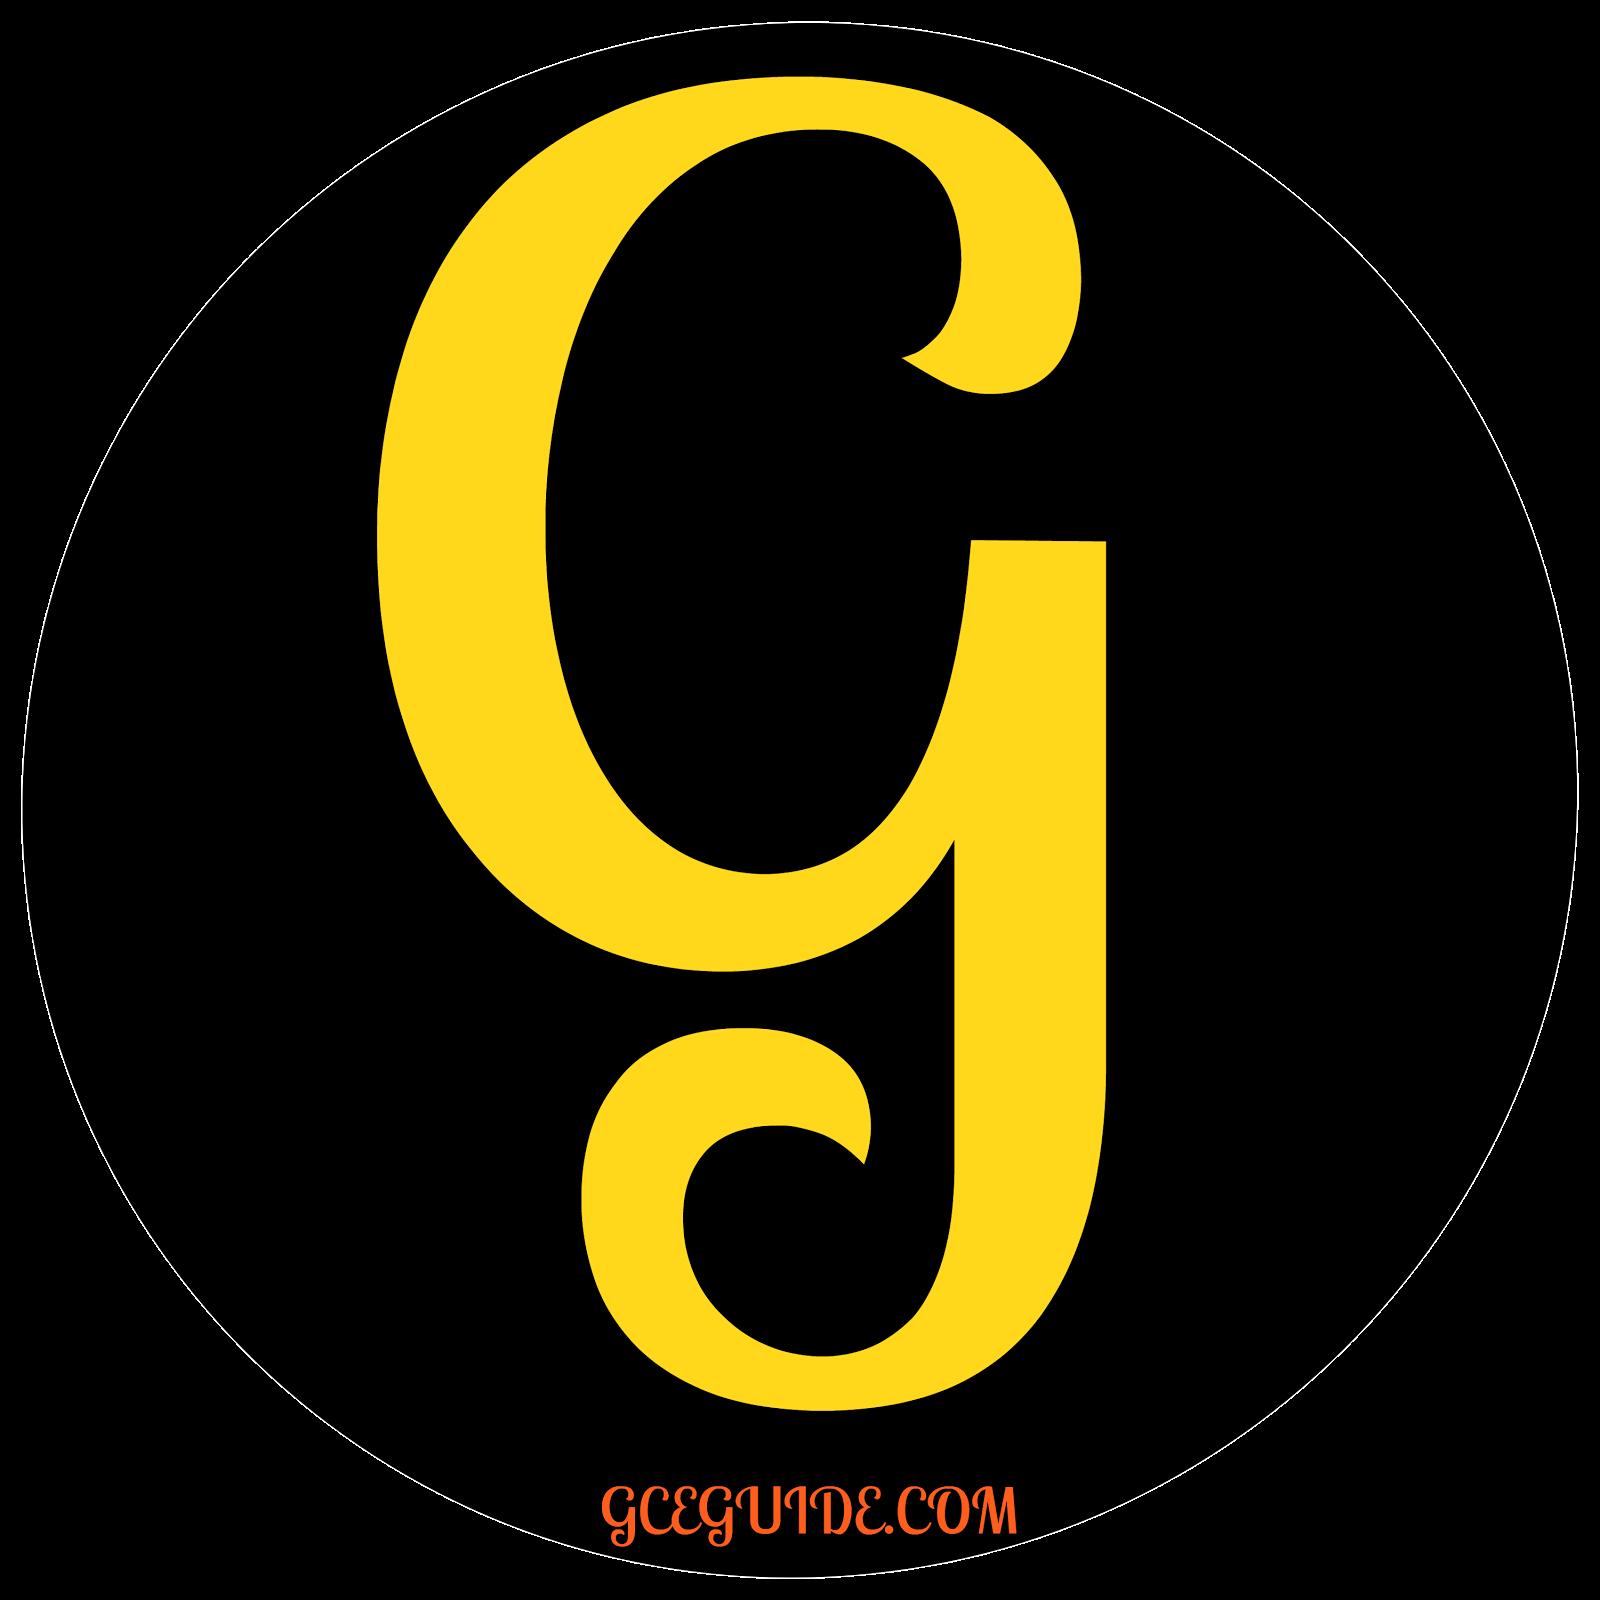 papers.gceguide.com